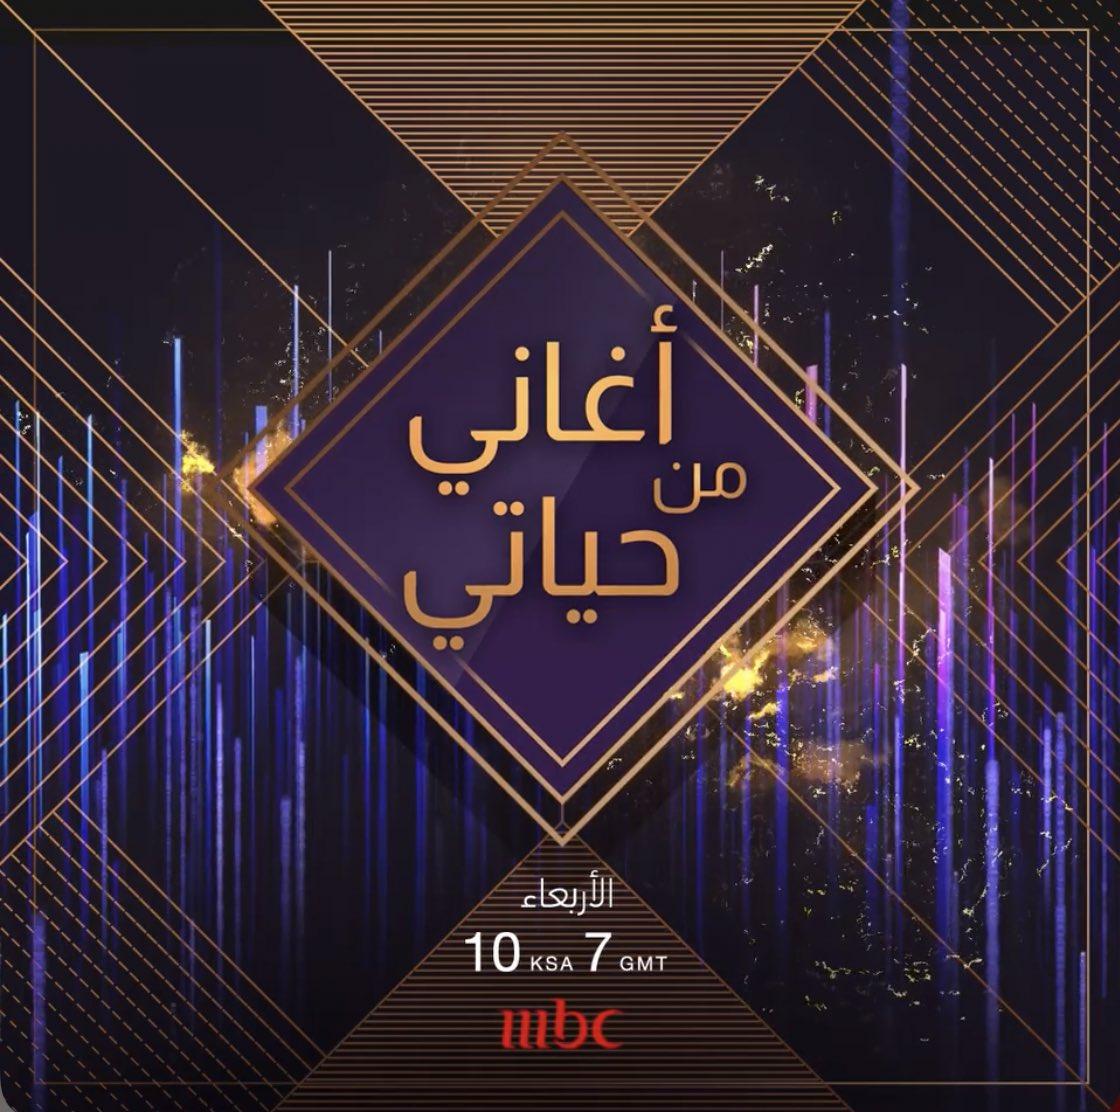 تستعد النجمة اللبنانية #اليسا لتصوير حلقة من برنامج #أغاني_من_حياتي مع ميشال فاضل الذي يعرض مساء كل يوم اربعاء عبر قناة #mbc بحيث ستغني باقة من اغنياتها الجديدة والقديمة كما ستروي خلال الحلقة العديد من الامور التي مرت بها منذ بداياتها الى اليوم.  @elissakh @michel_fadel @mbc1